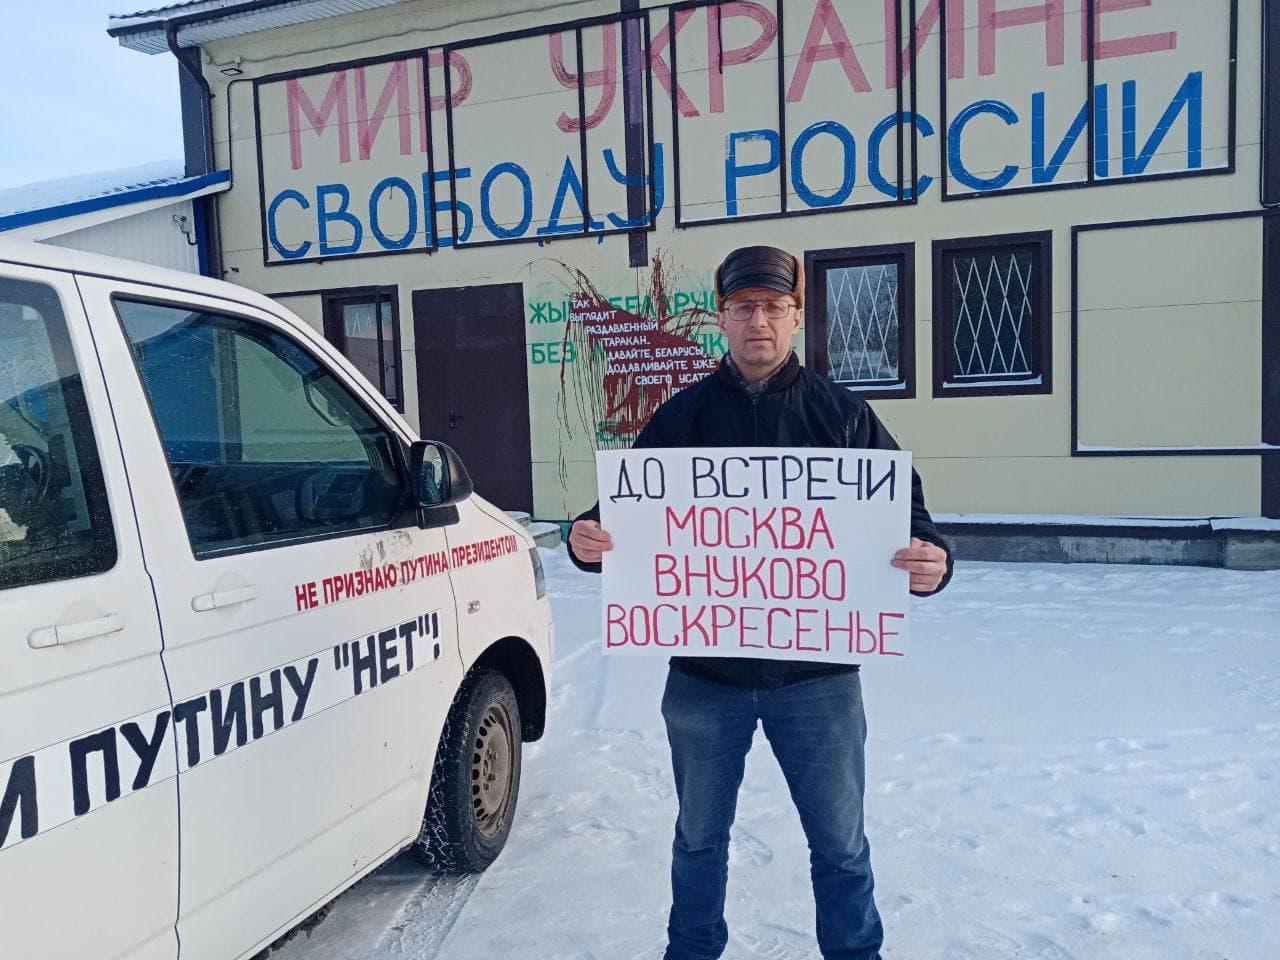 У петербургского активиста, собиравшегося на встречу с Навальным, изъяли автомобиль